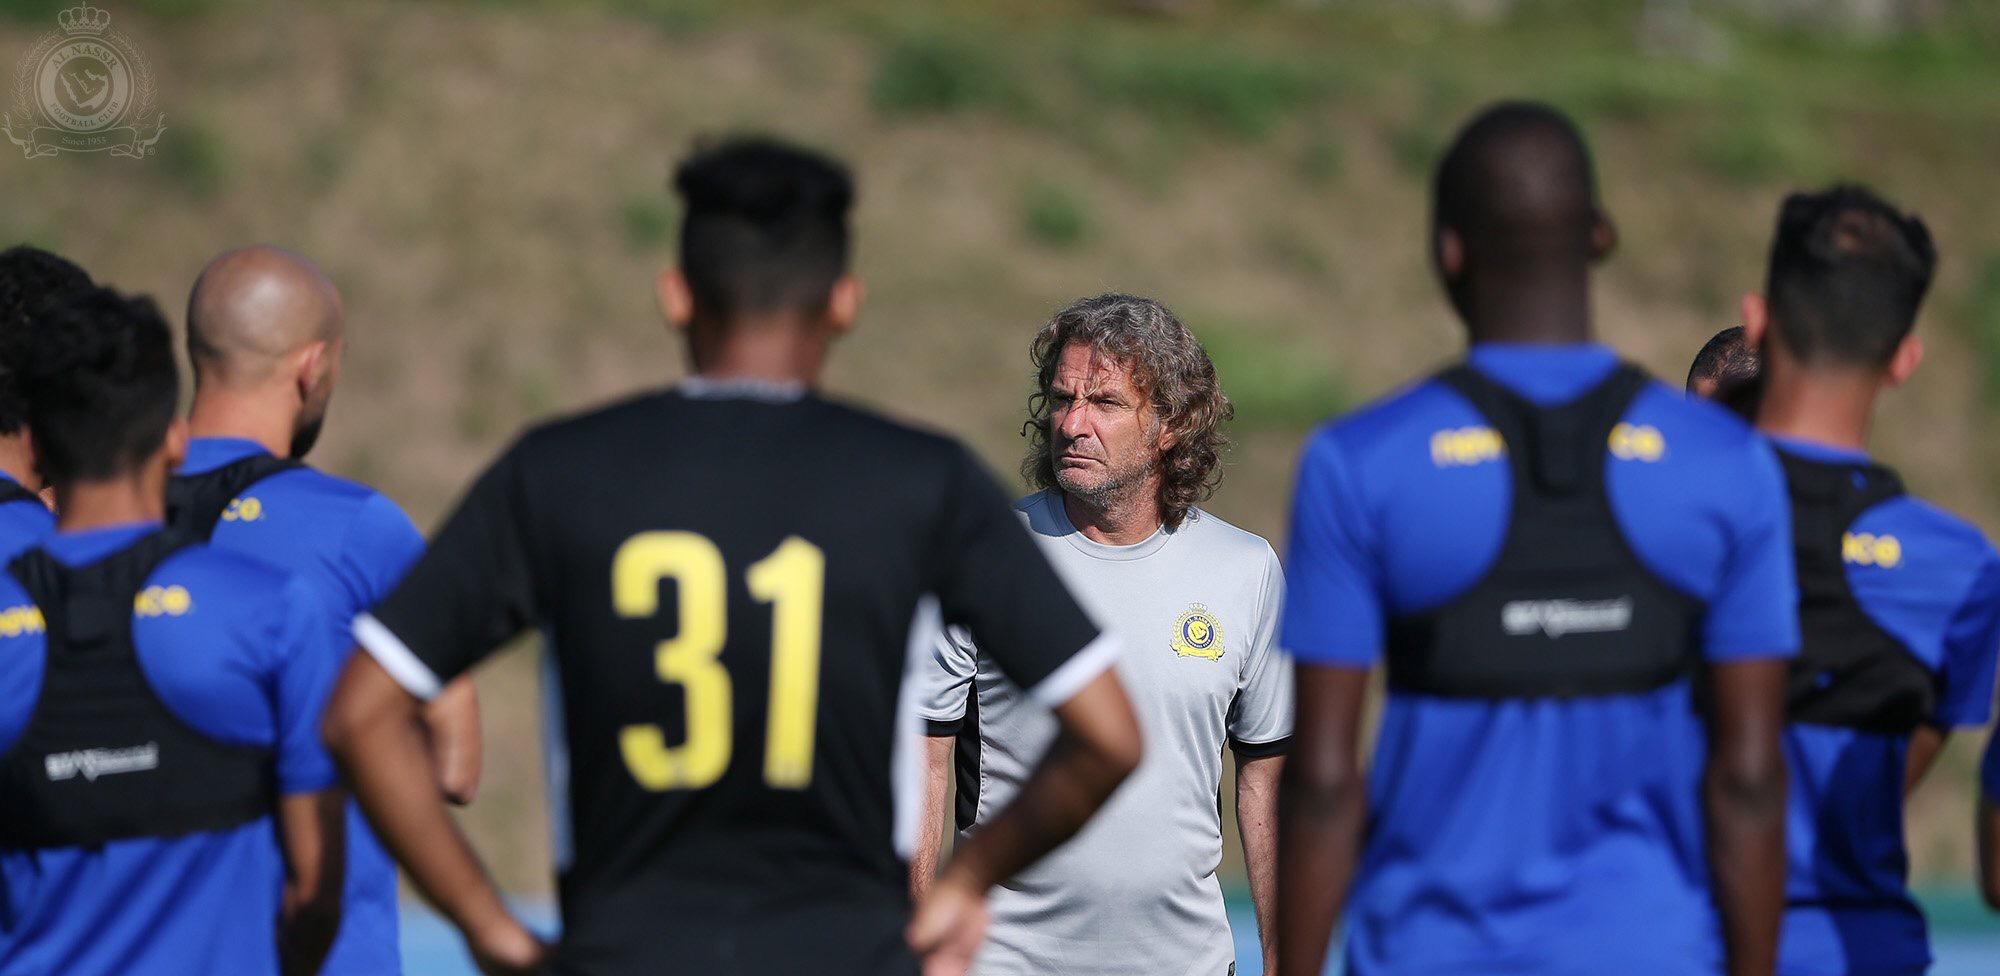 كارينيو يمنح اللاعبين جولة حرة .. وبعثة النصر تغادر إلى هولندا